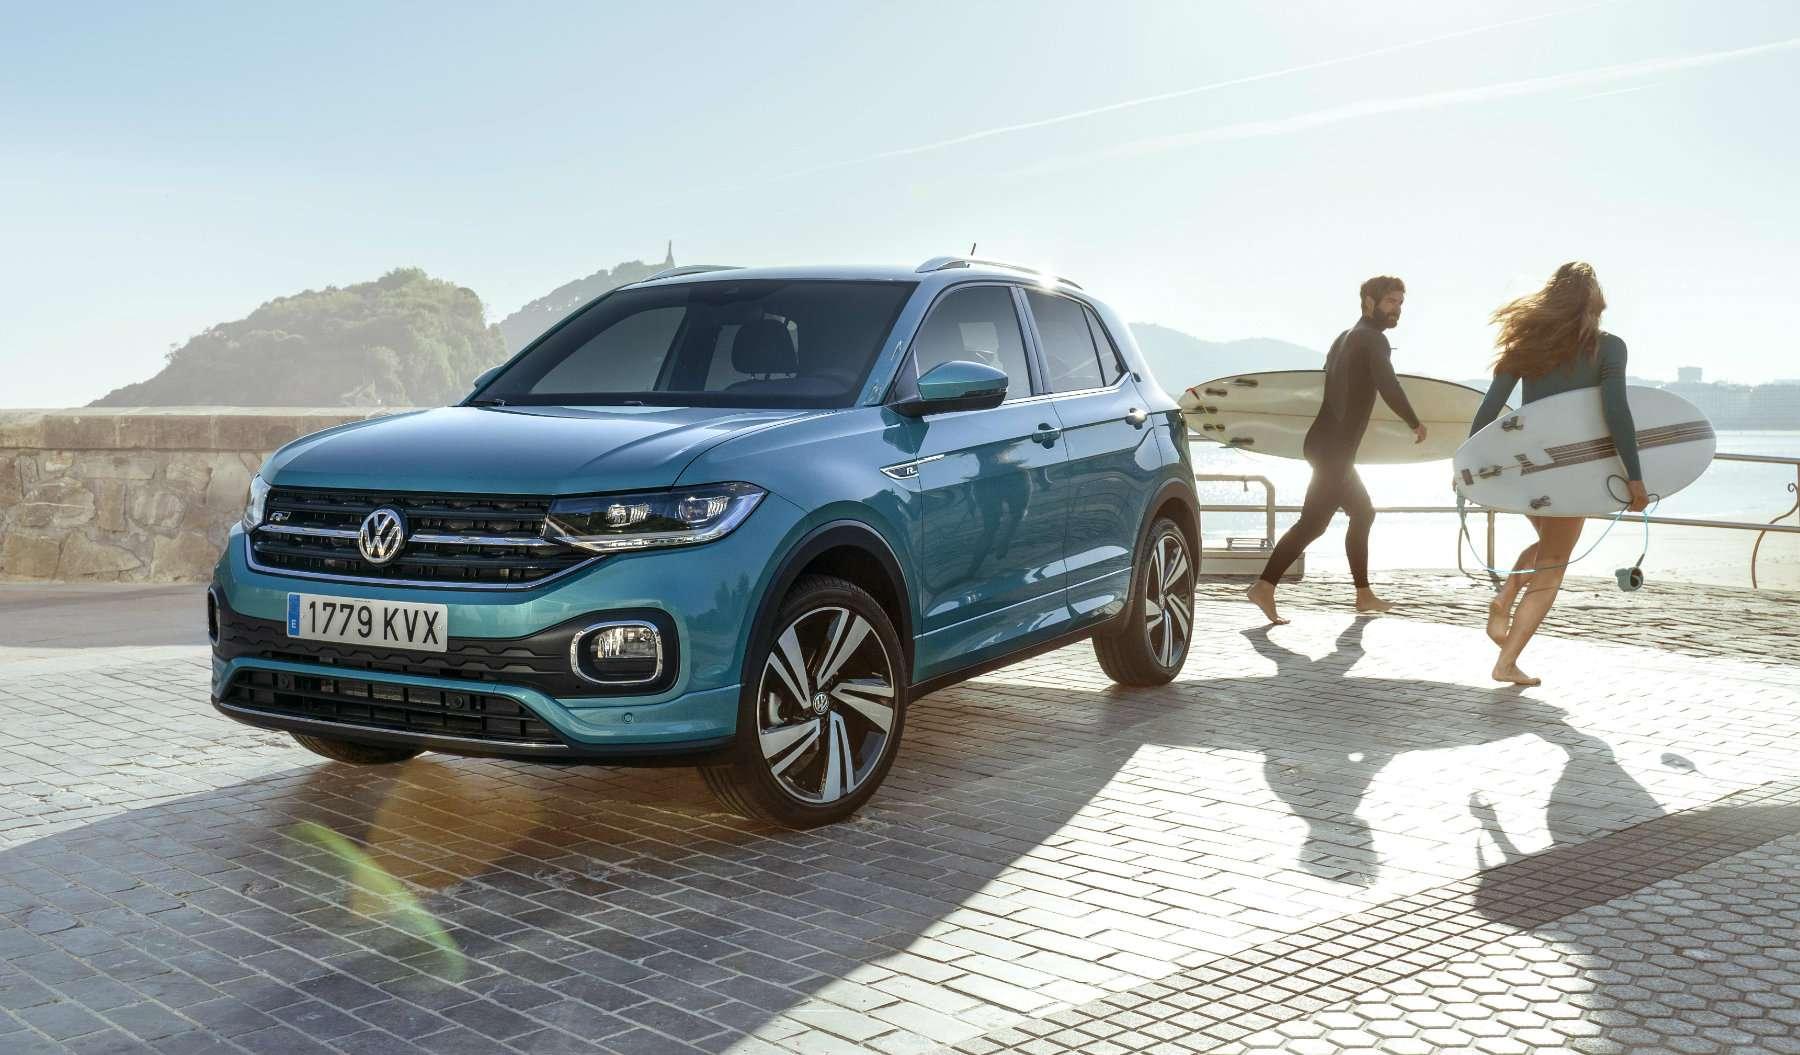 Volkswagen presenta el T-Cross, un nuevo SUV urbano, en su fábrica de Navarra